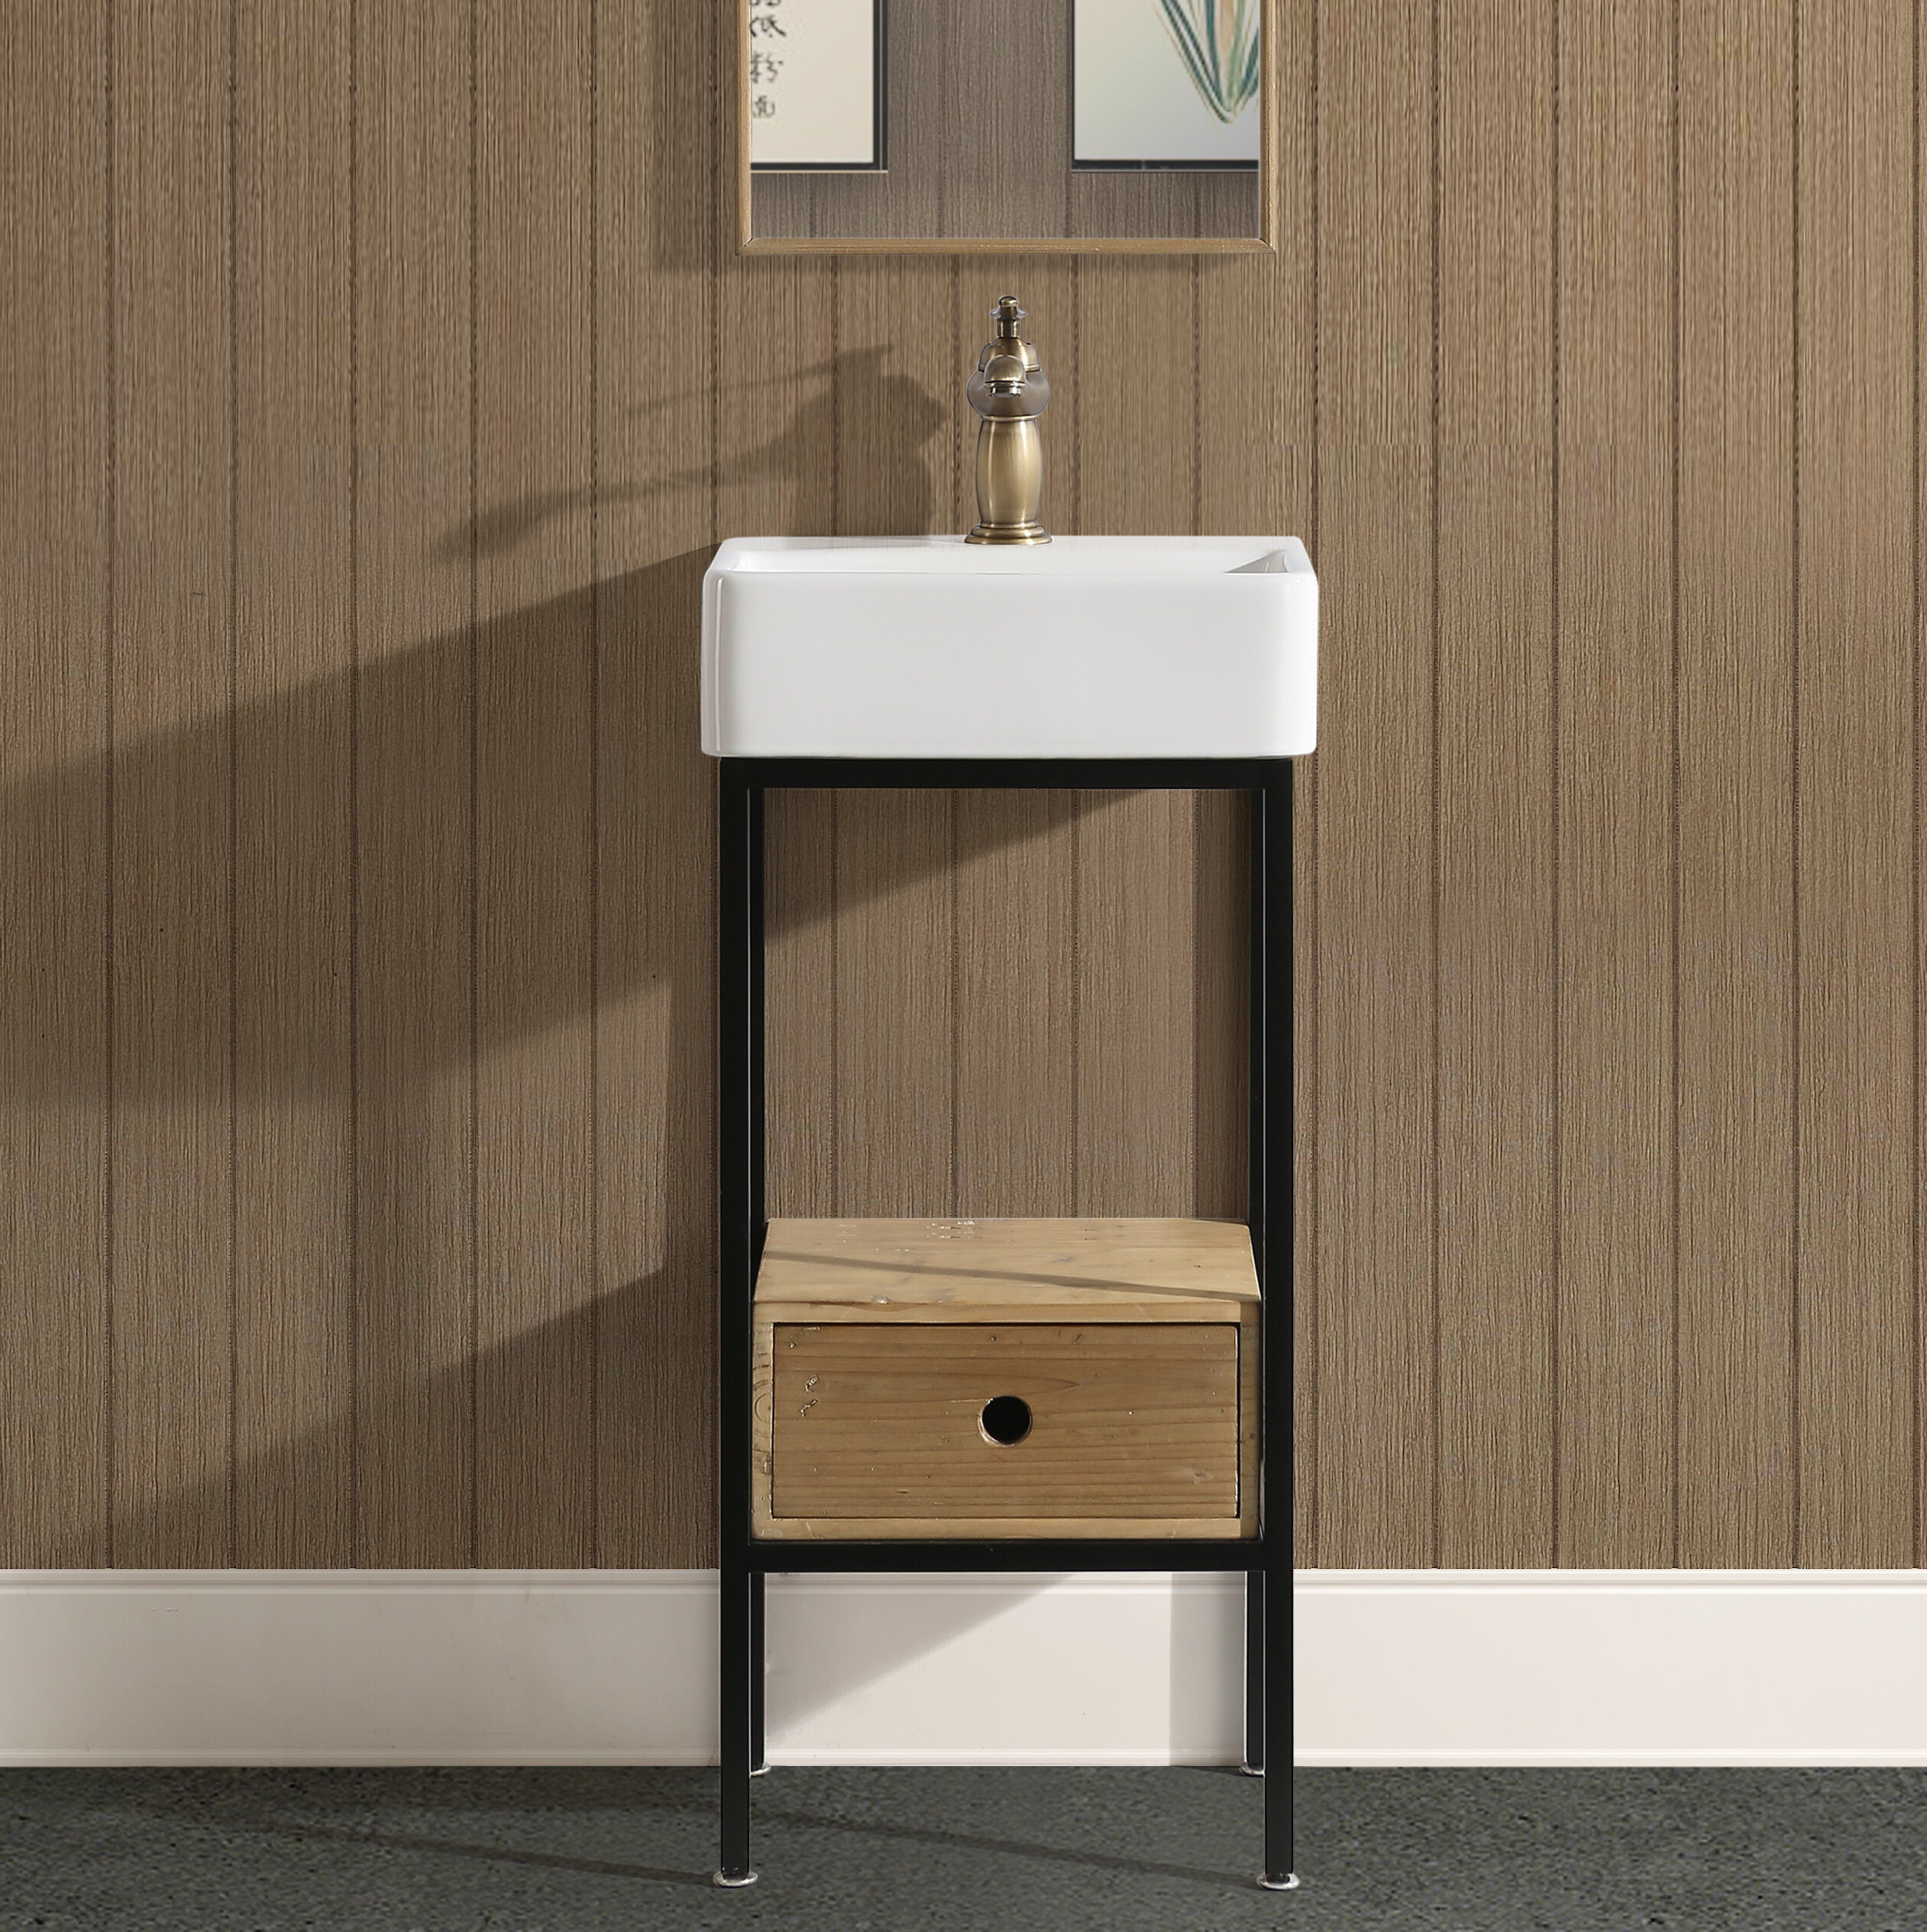 Brayden Studio Cassidy 16 Single Bathroom Vanity Reviews Wayfair